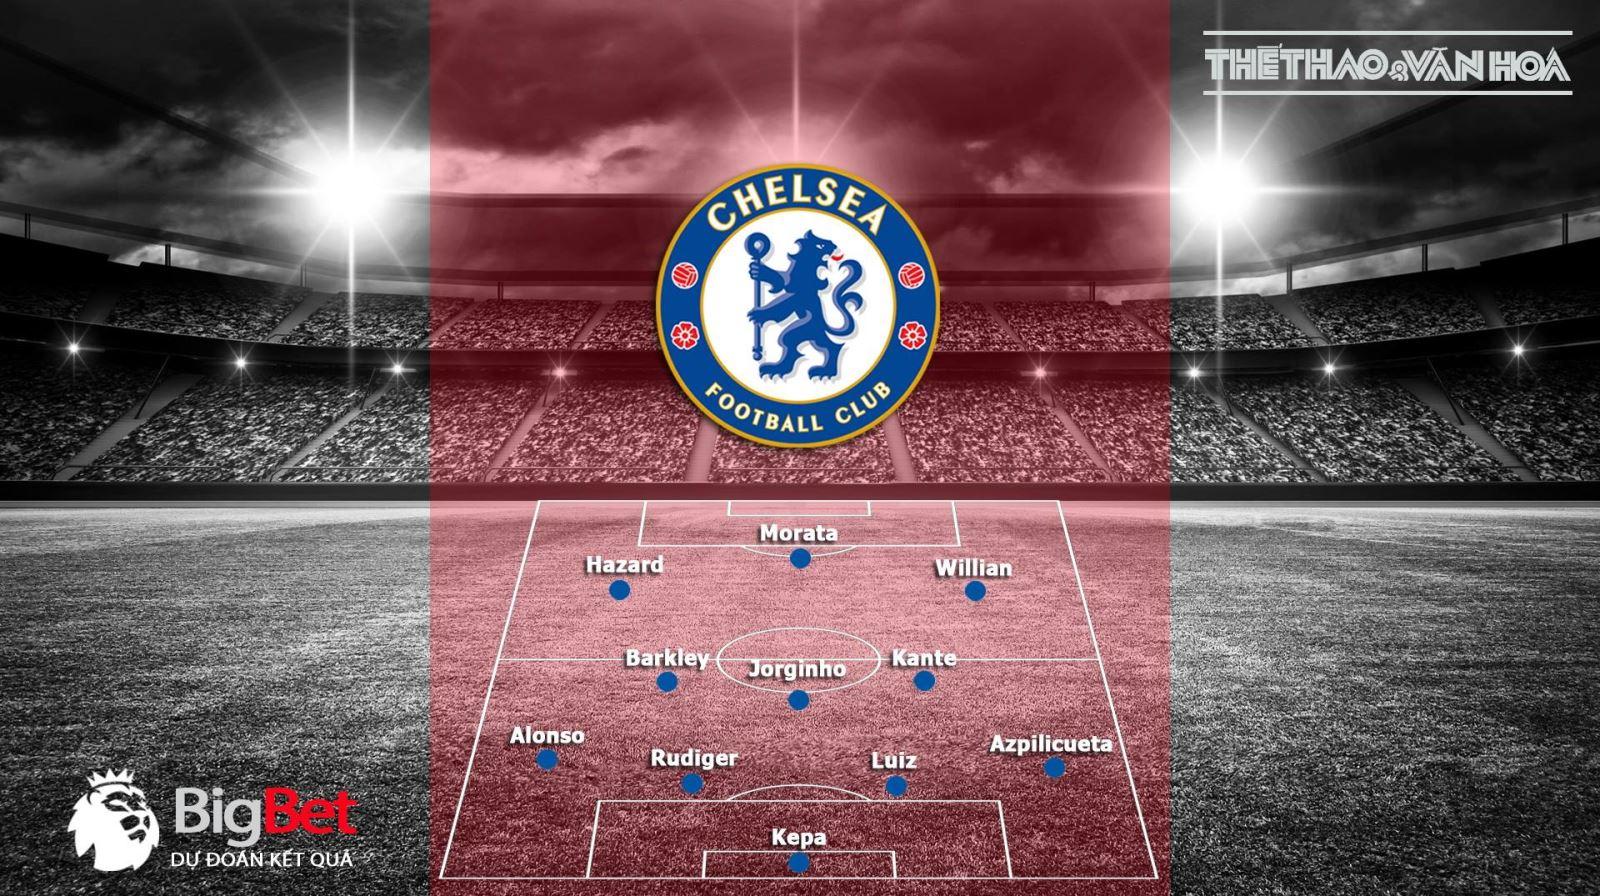 Chelsea, Liverpool, Kèo Chelsea vs Liverpool, Dự đoán bóng đá, Trực tiếp bóng đá, Chelsea vs Liverpool, xem trực tiếp bóng đá, nhận định dự đoán, dự đoán bóng đá Anh